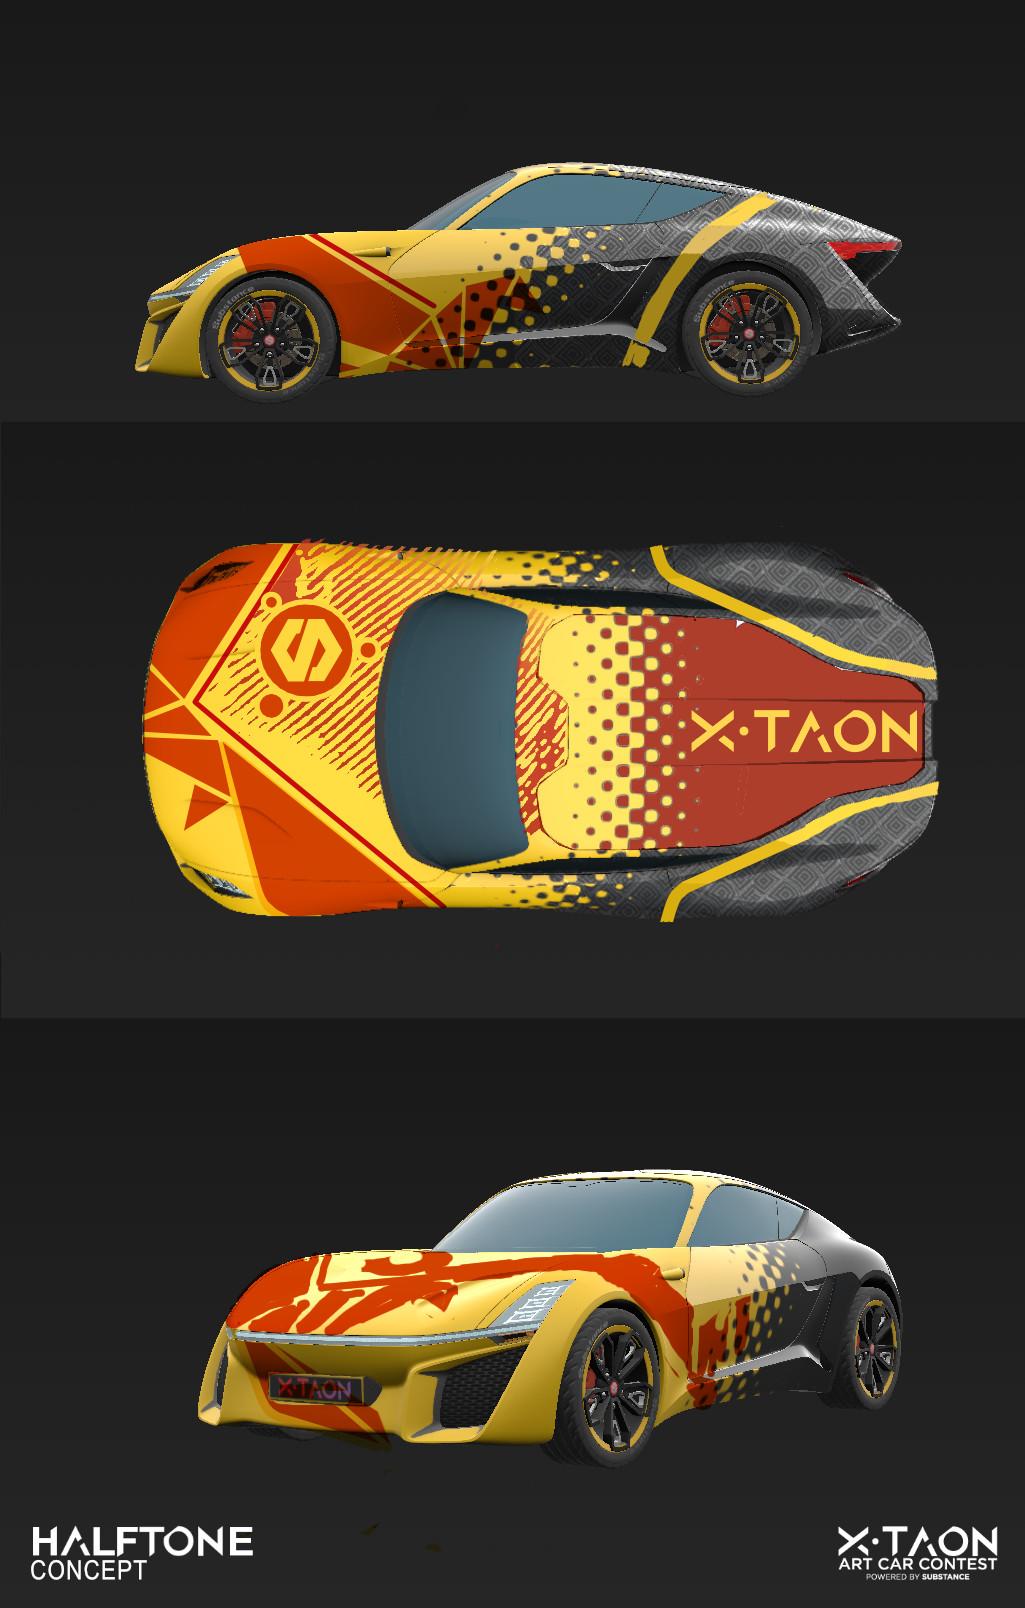 Zoltan korcsok x taon art car concept 001